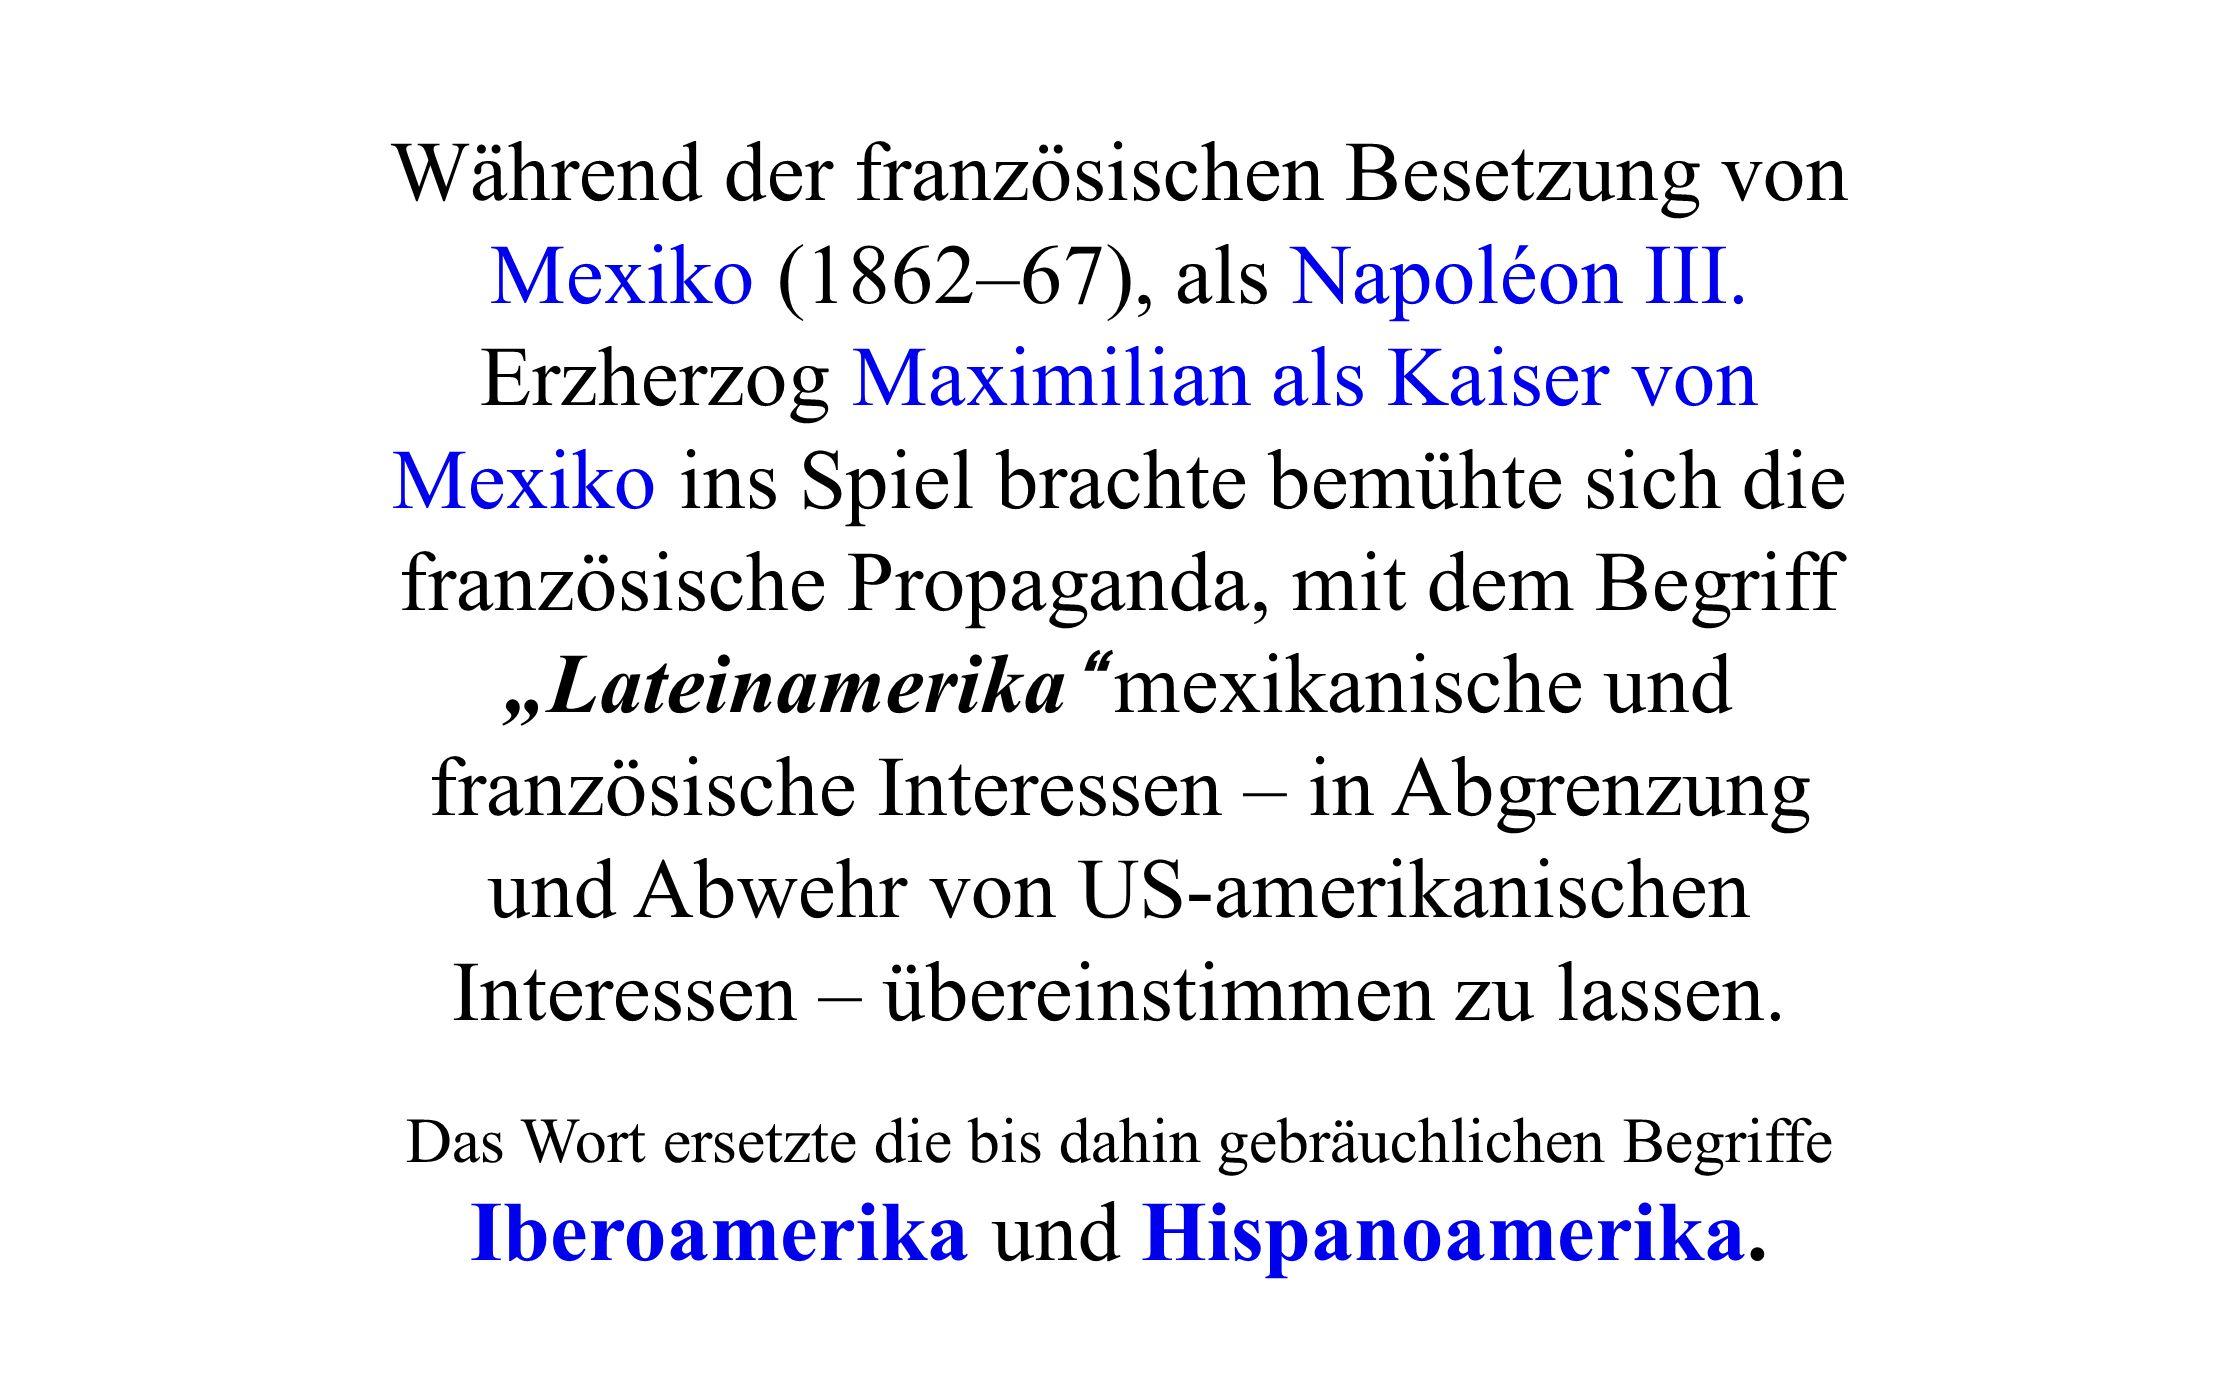 Während der französischen Besetzung von Mexiko (1862–67), als Napoléon III. Erzherzog Maximilian als Kaiser von Mexiko ins Spiel brachte bemühte sich